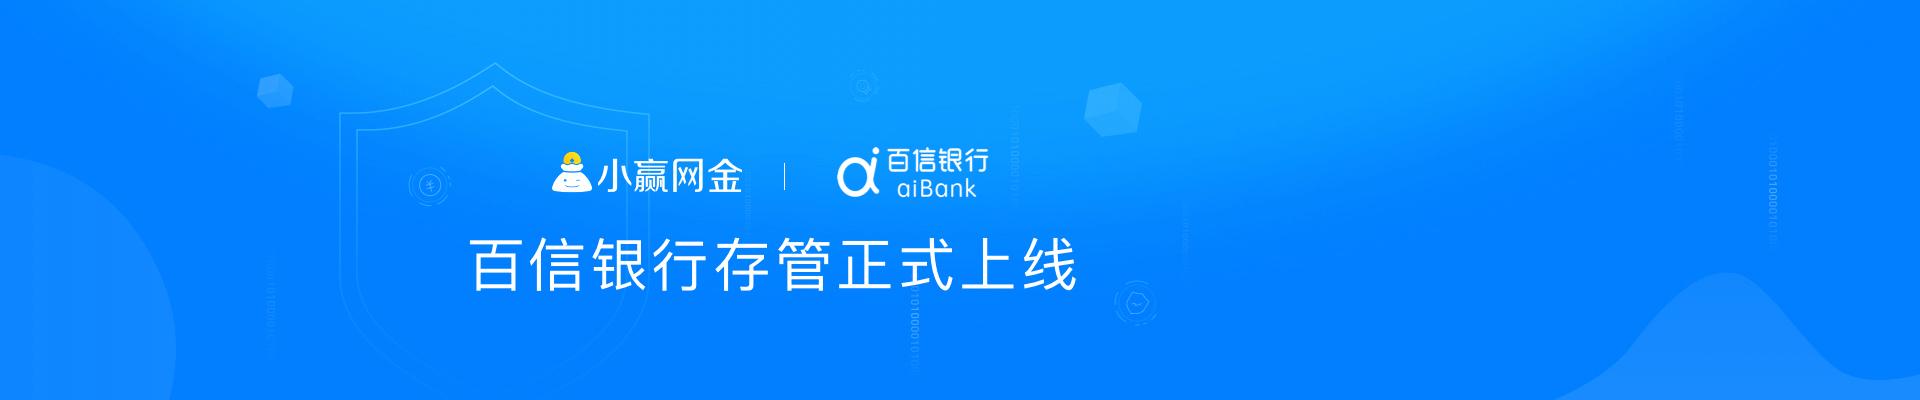 上海快三免费计划群正式上线百信银行存管